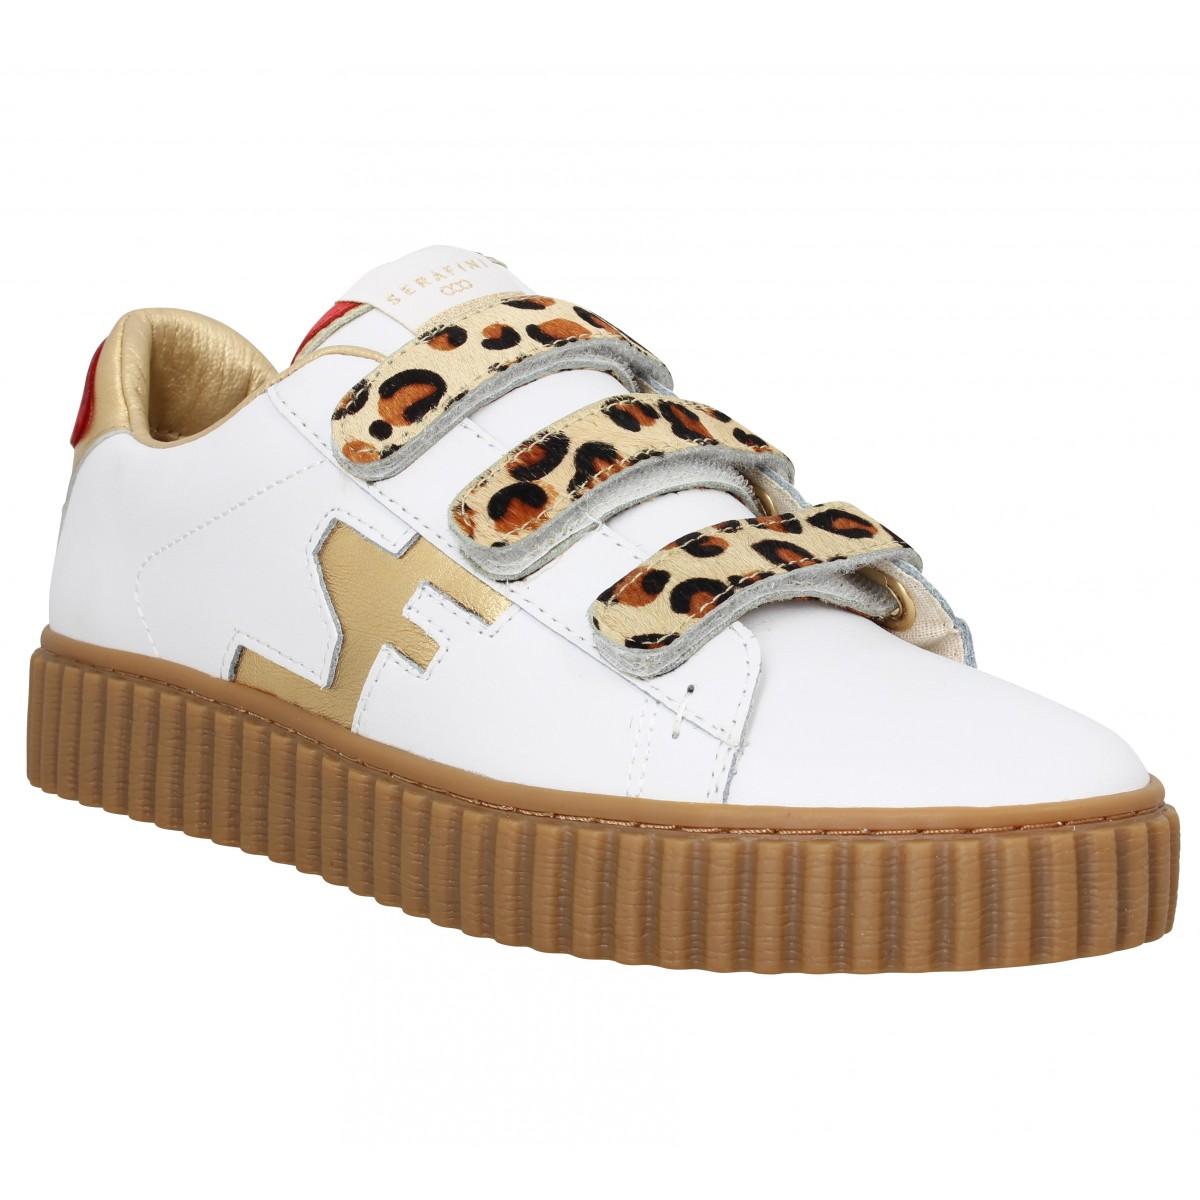 45f73086ed Serafini madison cuir femme blanc leopard femme   Fanny chaussures